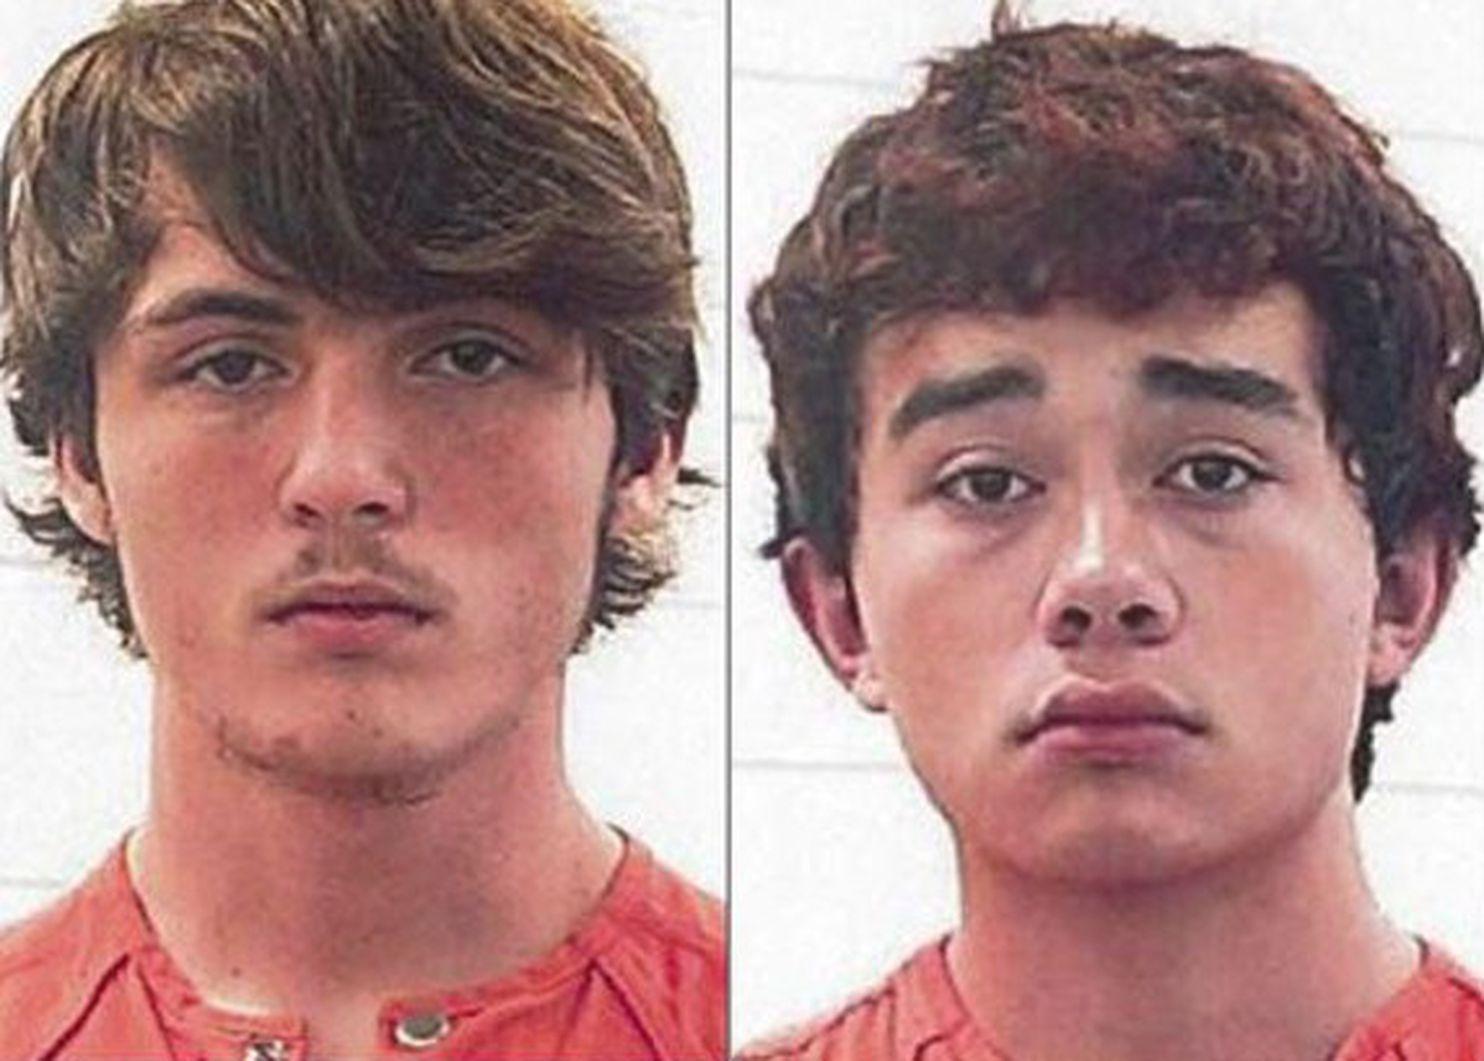 Dakota White y Brandon Warren. El primero ya fue condenado por el asesinato de Samuel Poss. El segundo enfrentará su juicio en pocos días